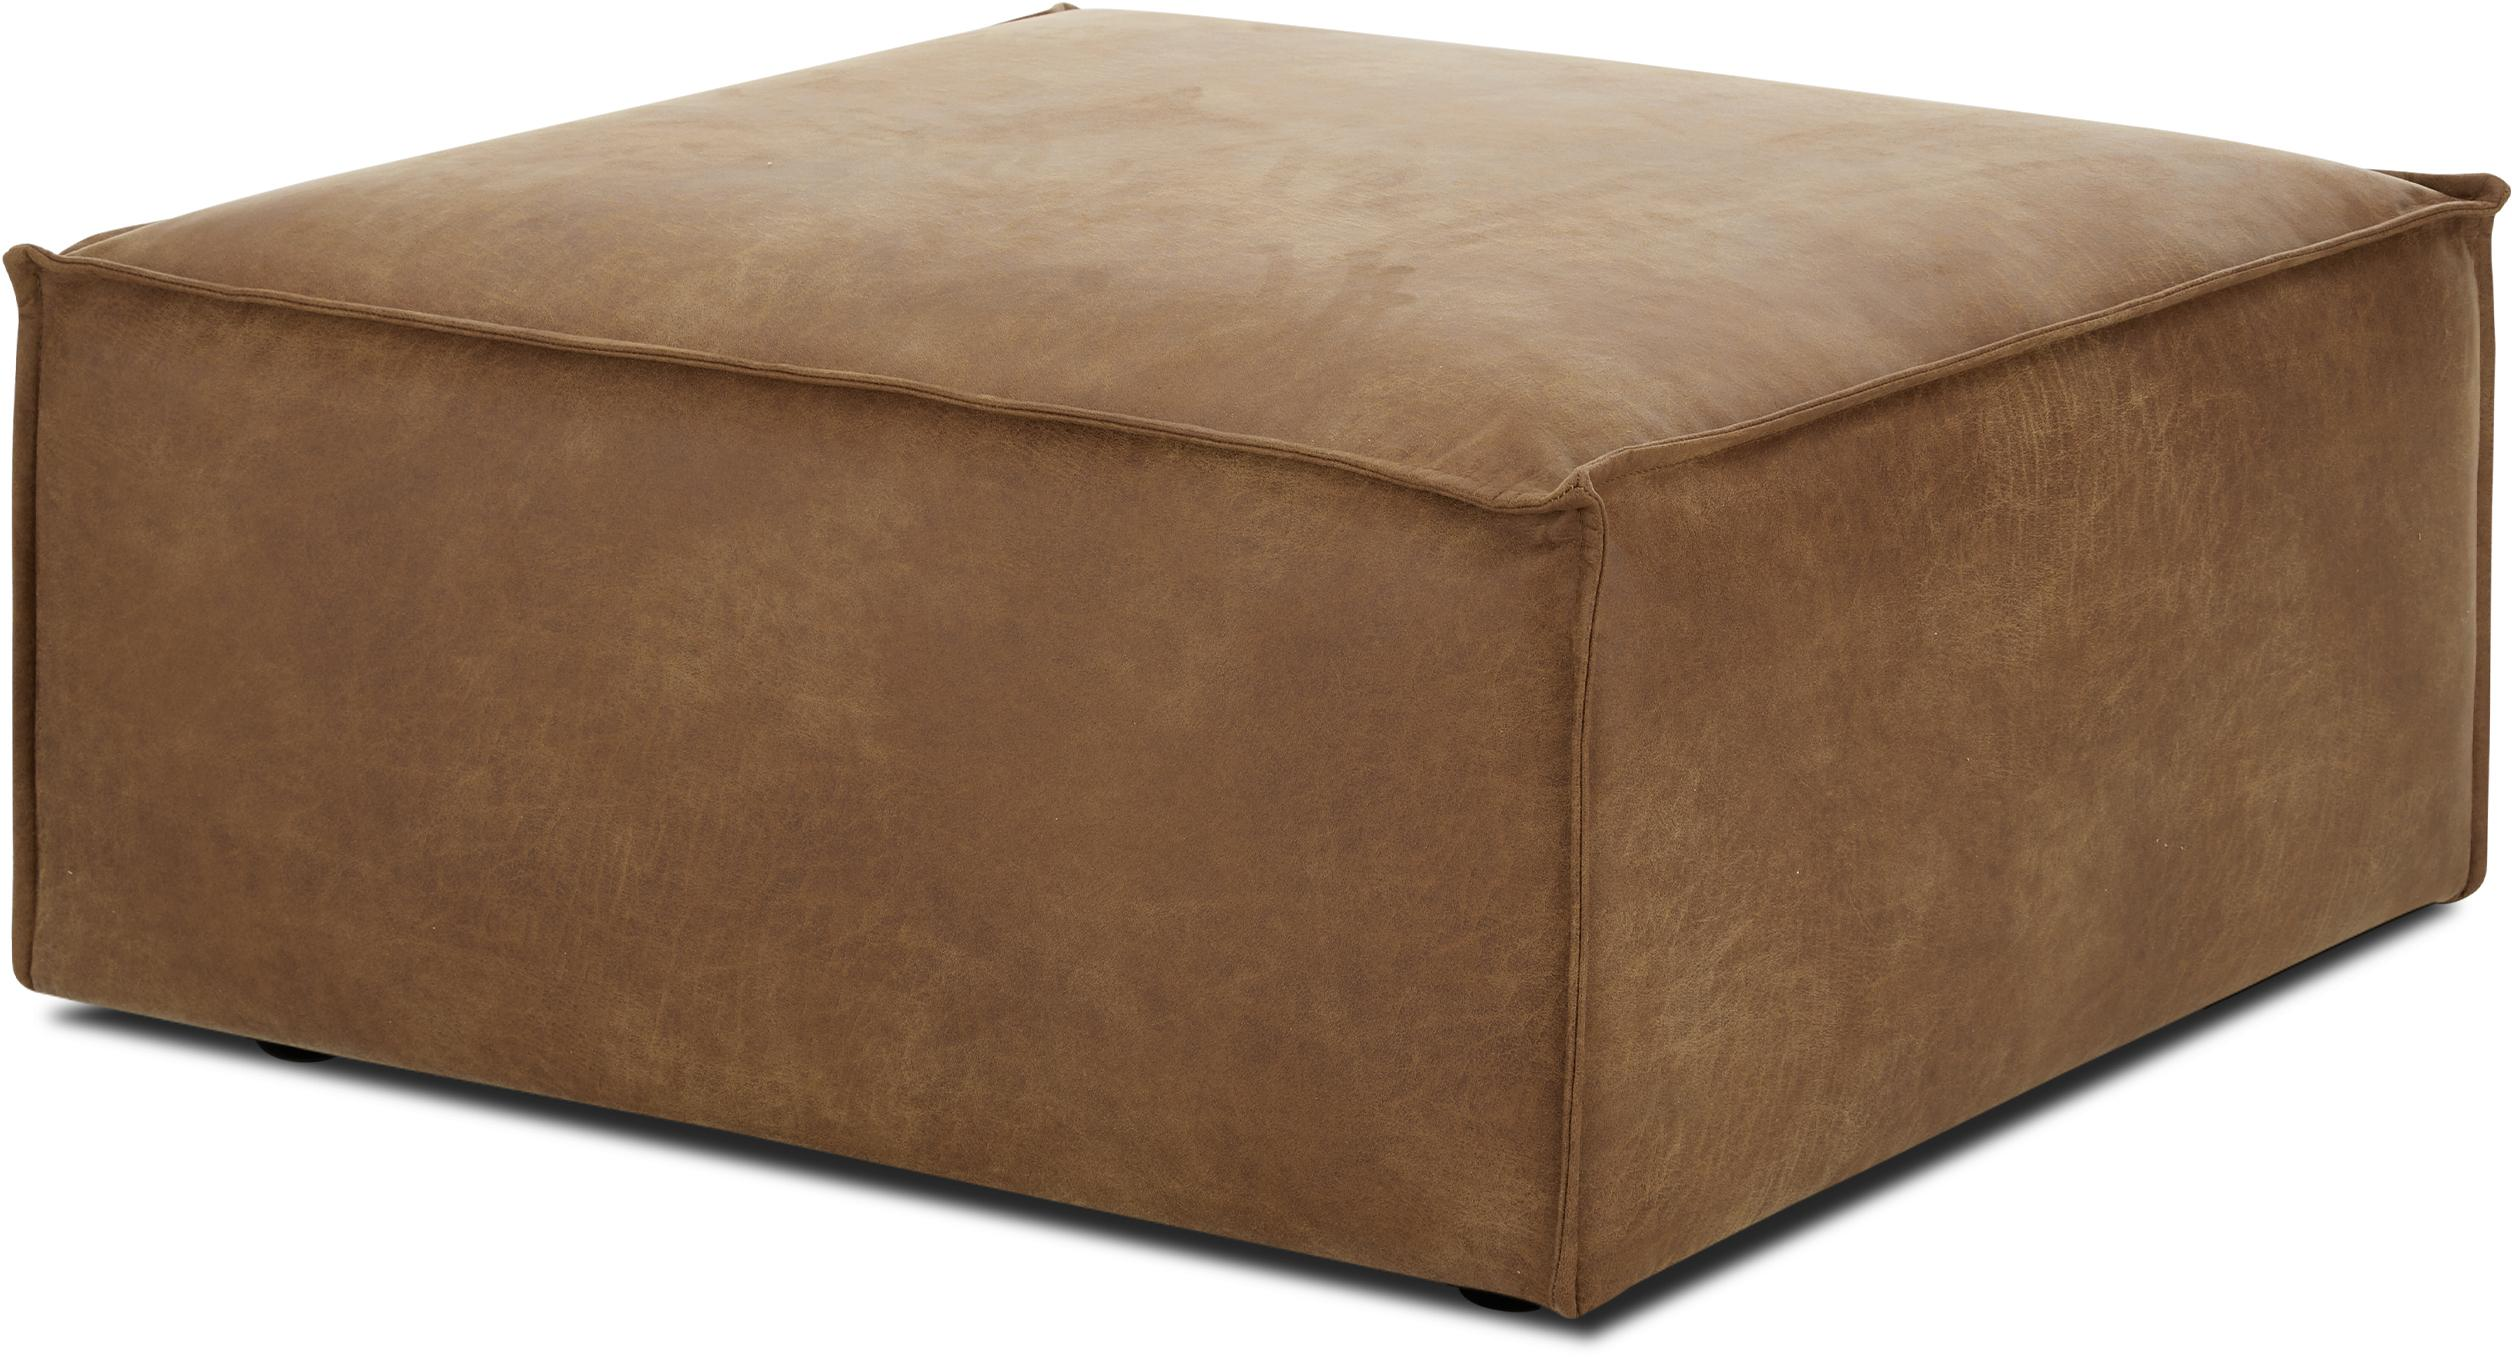 Poggiapiedi da divano in pelle marrone Lennon, Rivestimento: 70% pelle, 30% poliestere, Struttura: legno di pino massiccio, , Piedini: materiale sintetico, Pelle marrone, Larg. 88 x Alt. 43 cm